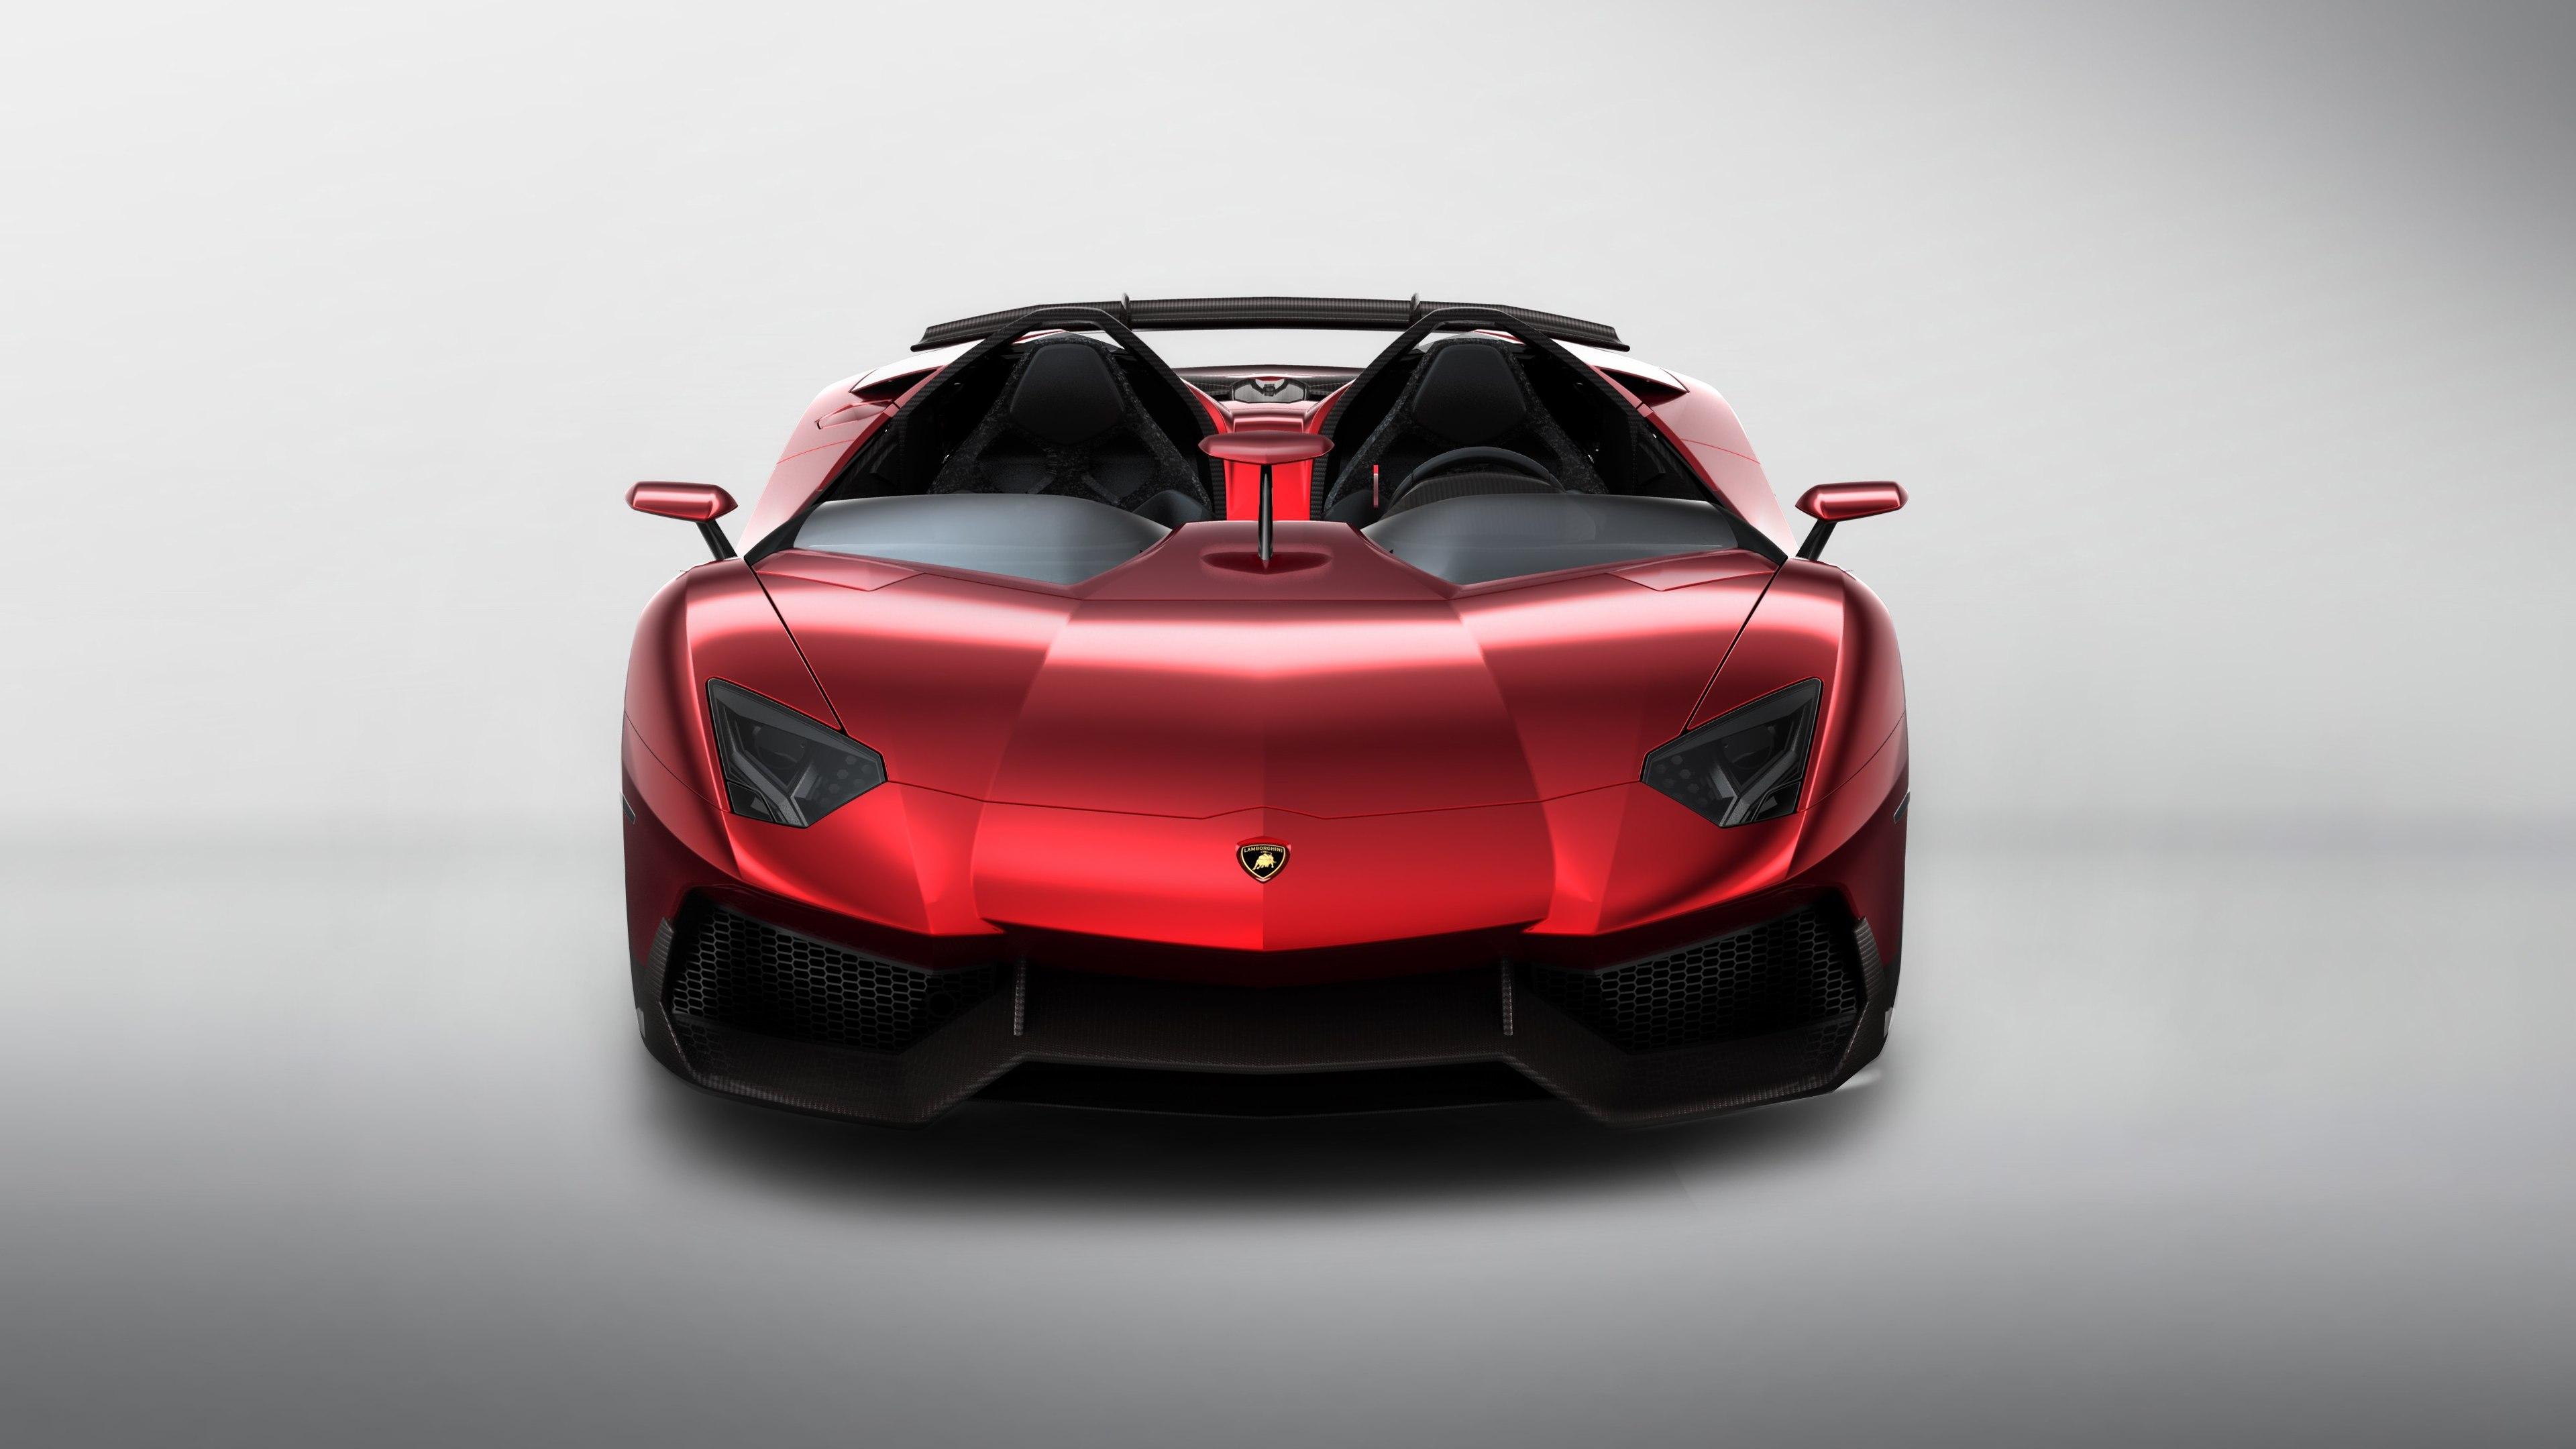 Wallpaper 4k Red Lamborghini Aventador 4k 4k Wallpapers